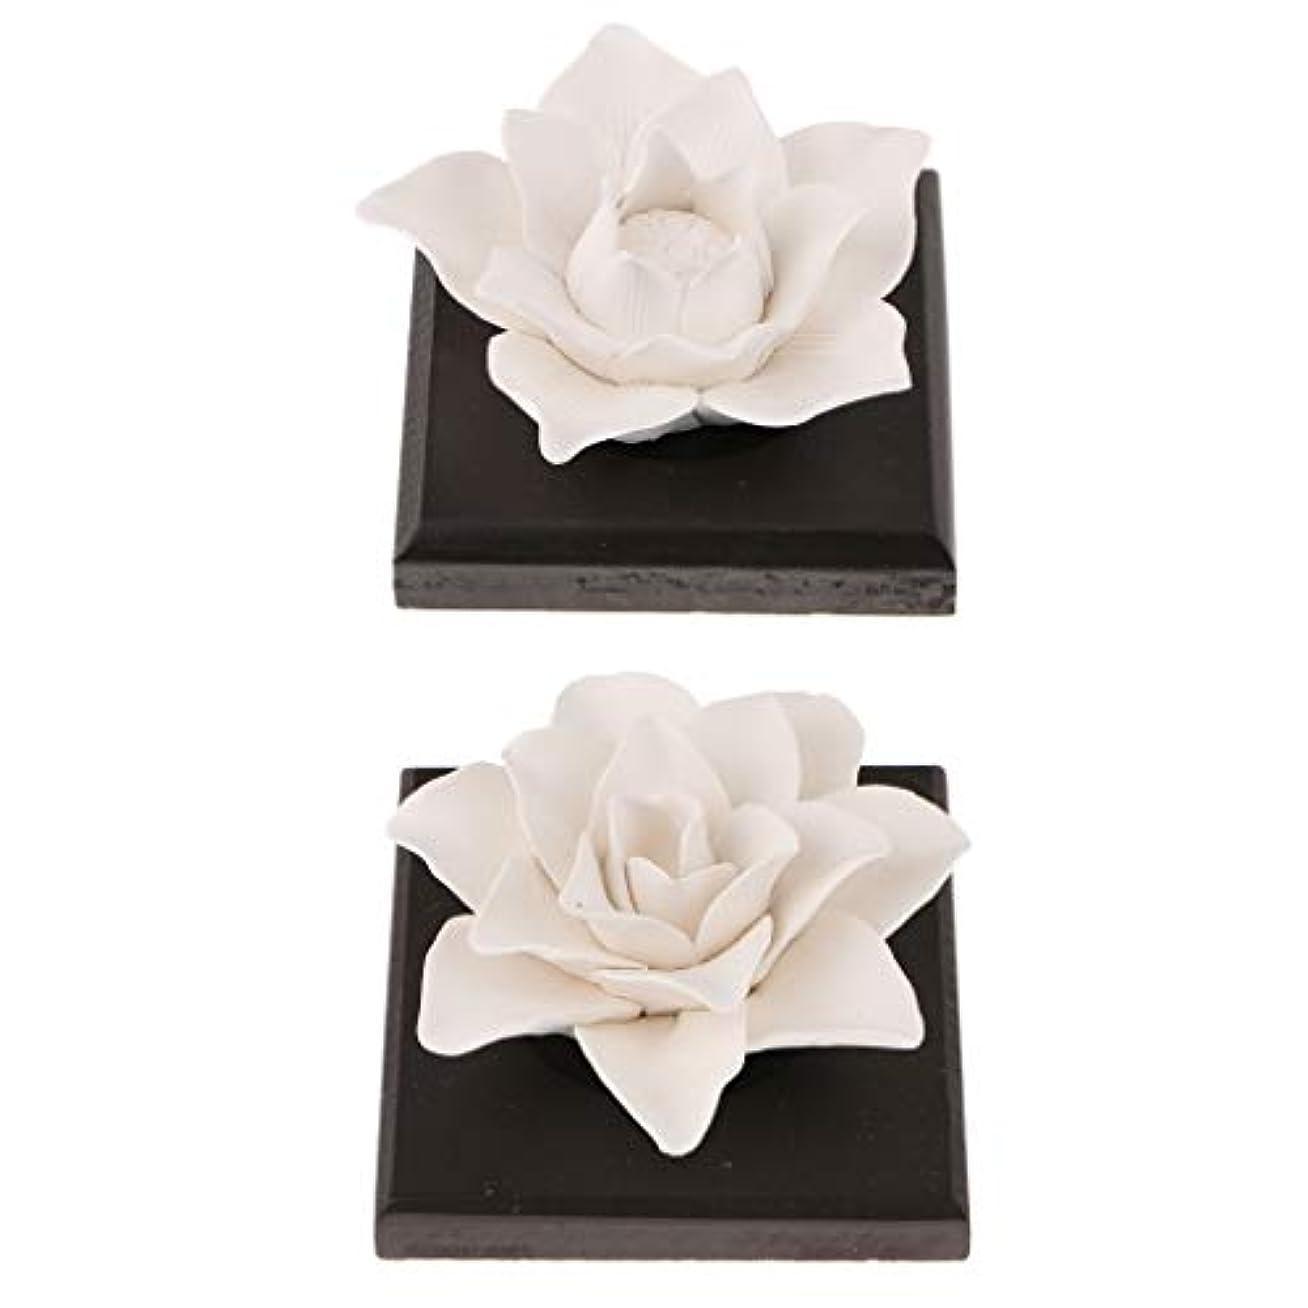 拮抗数字ポケットB Blesiya 美しい セラミック 花 エッセンシャルオイル 香水 香り ディフューザー 装飾品 2個